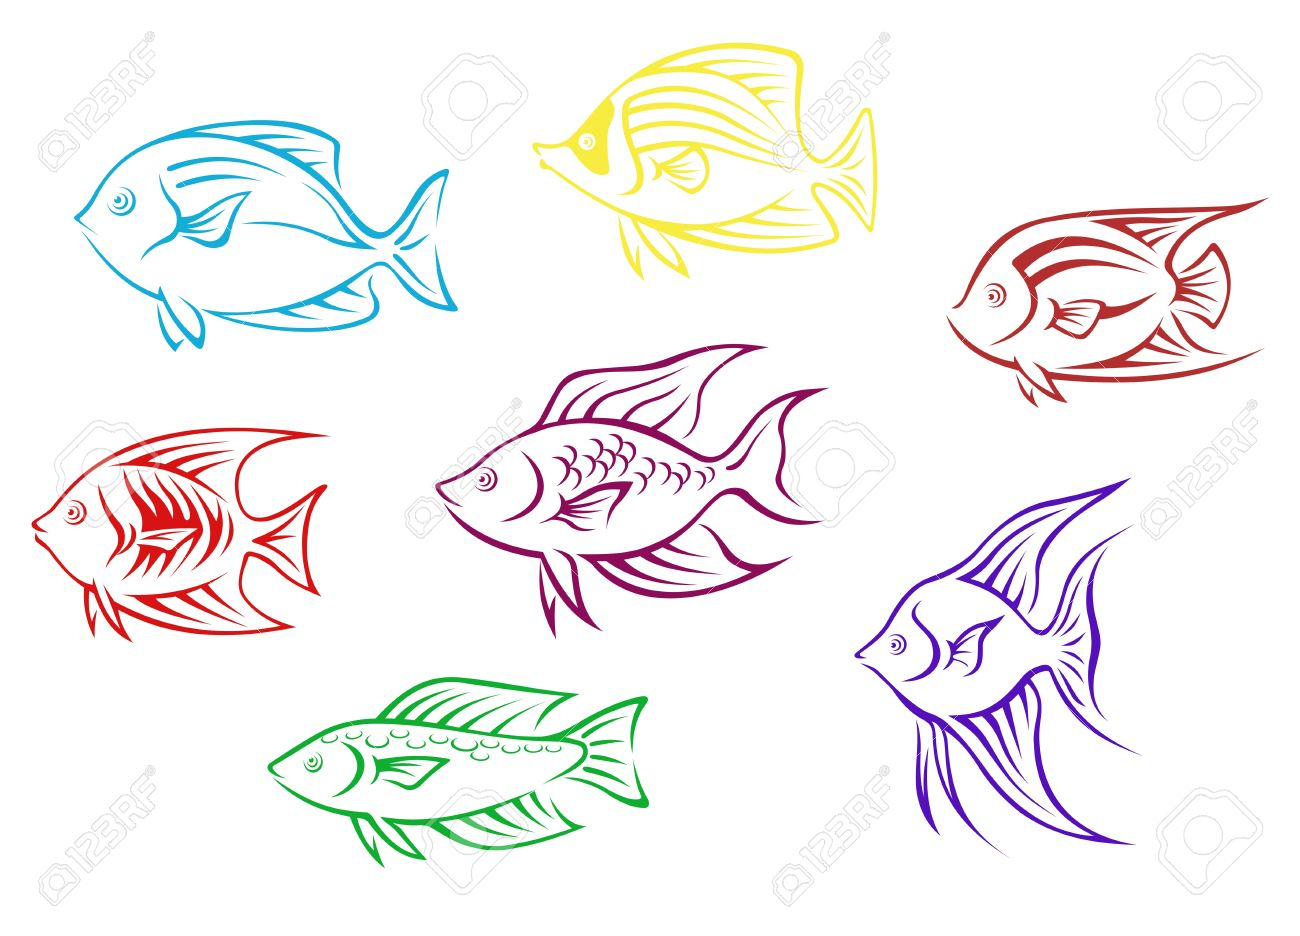 Set of seven aquarium fish silhouettes for design Stock Vector - 13828641